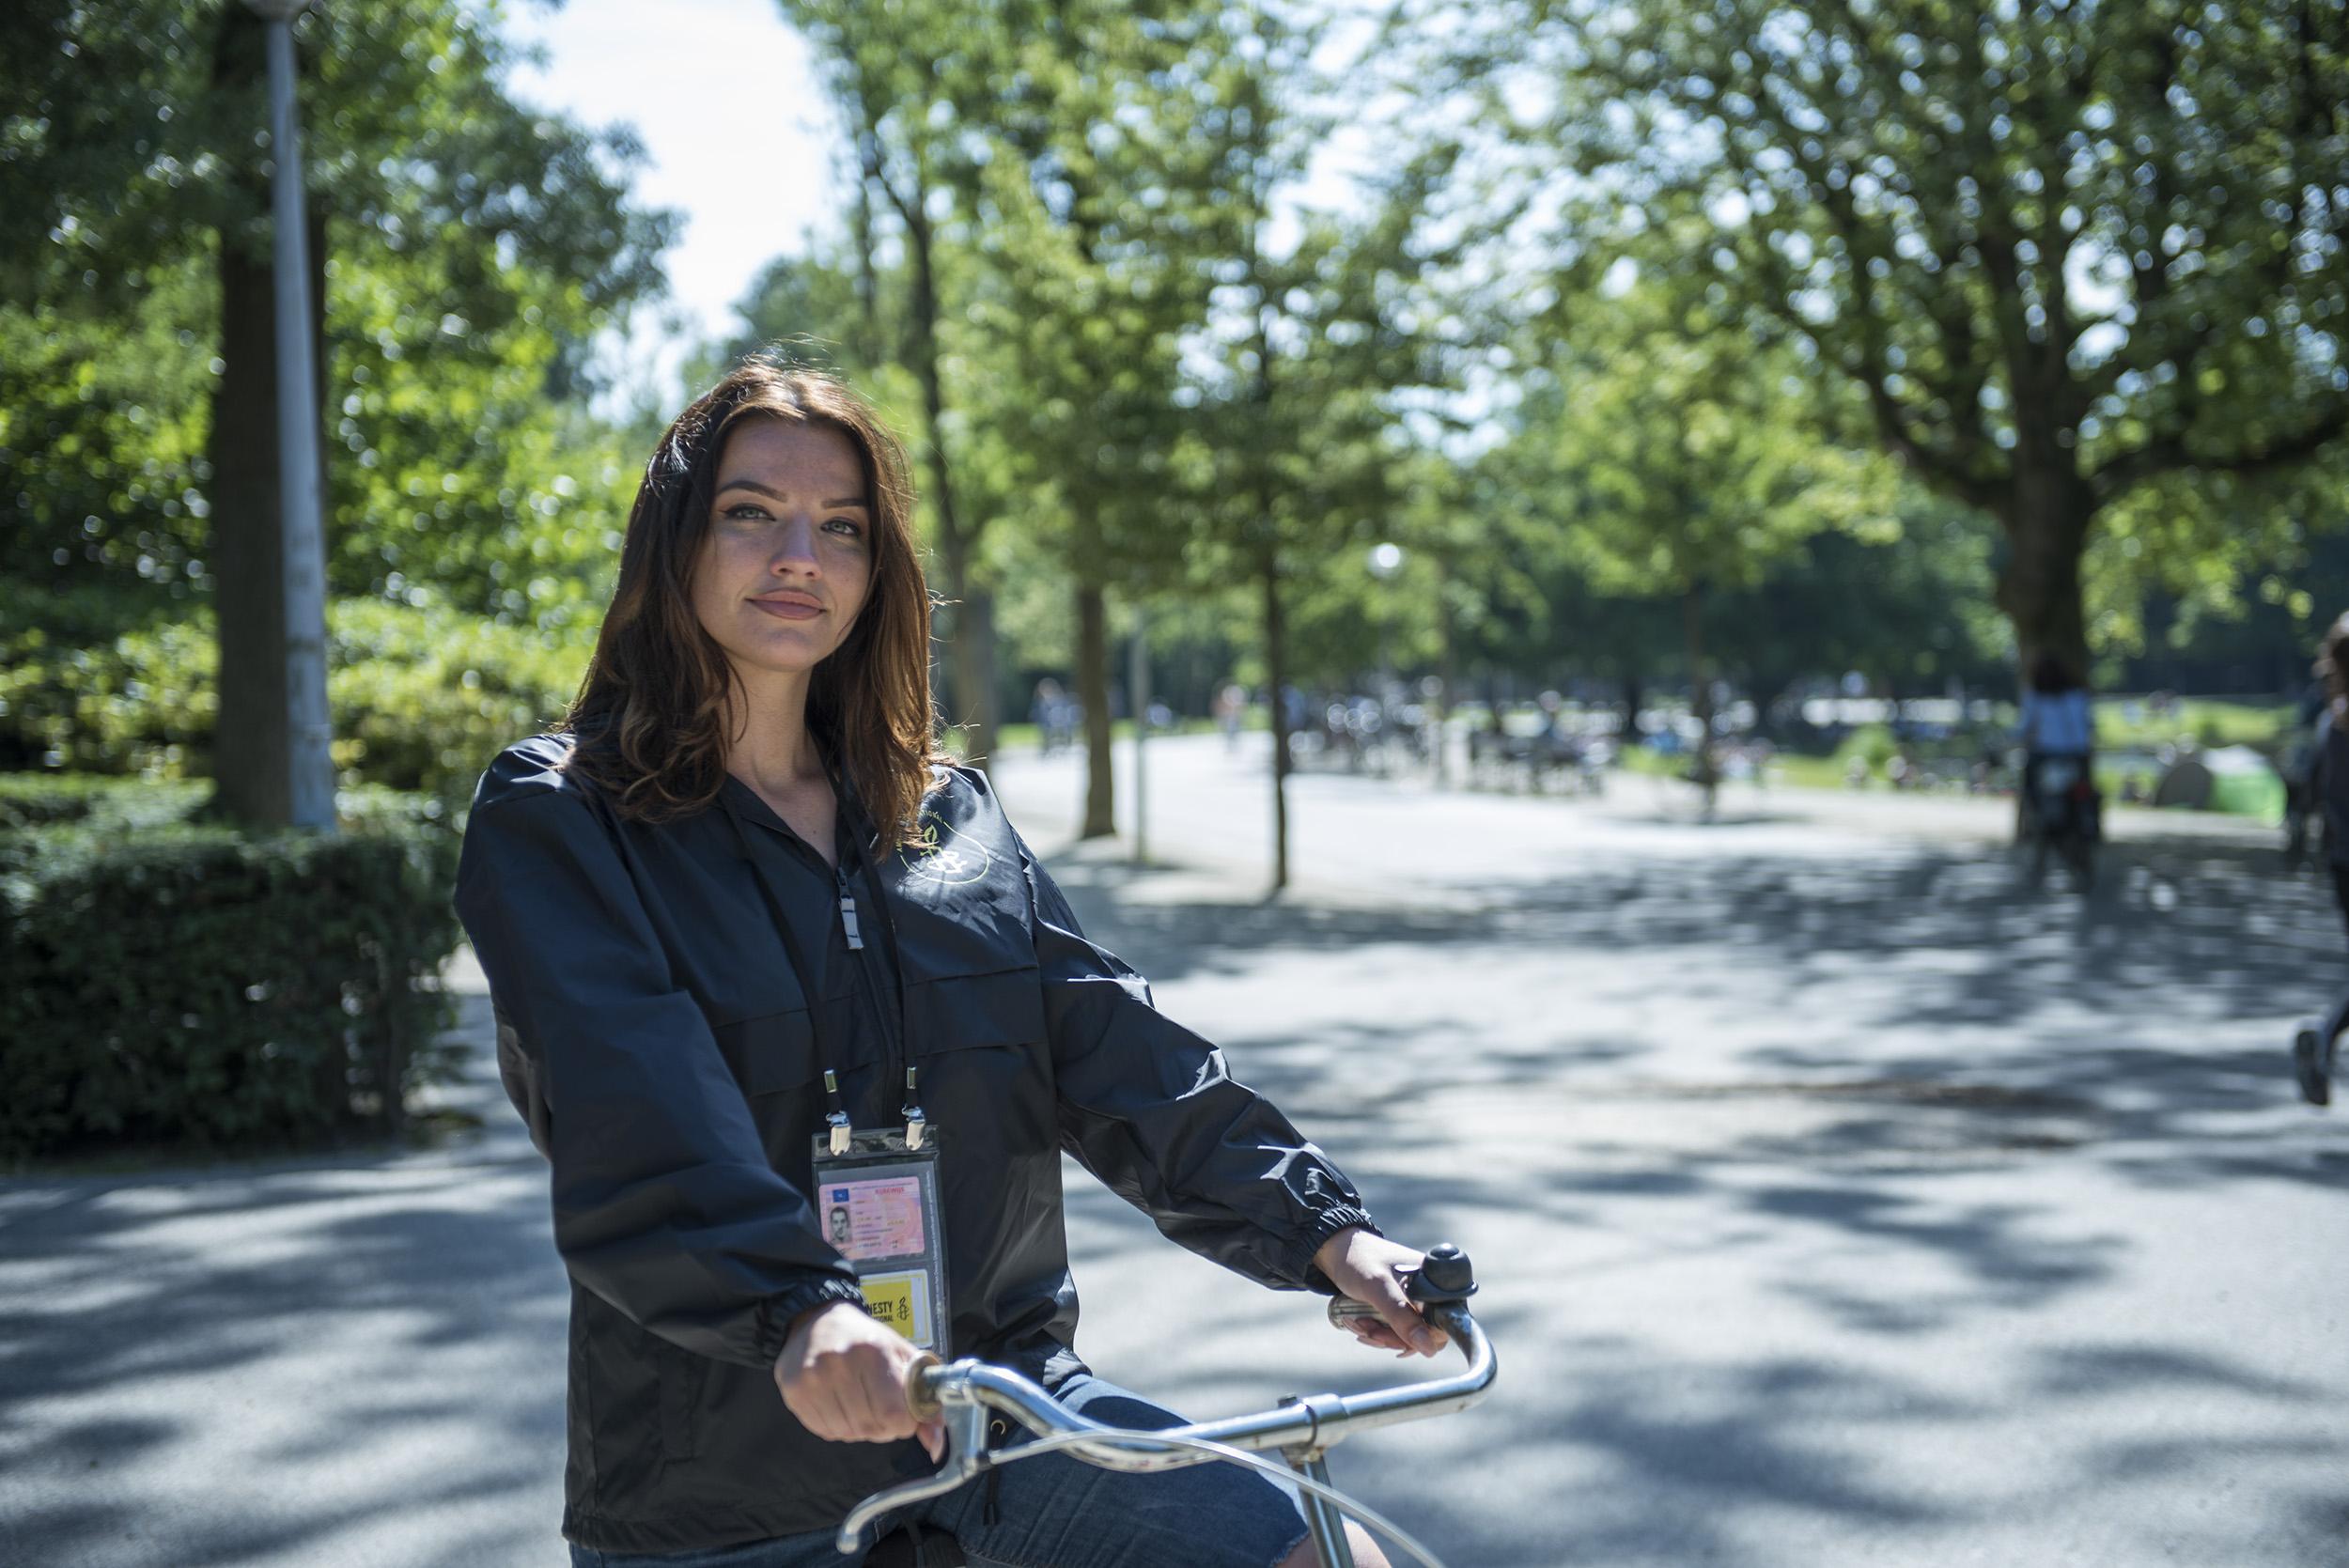 Een vertegenwoordiger op een fiets